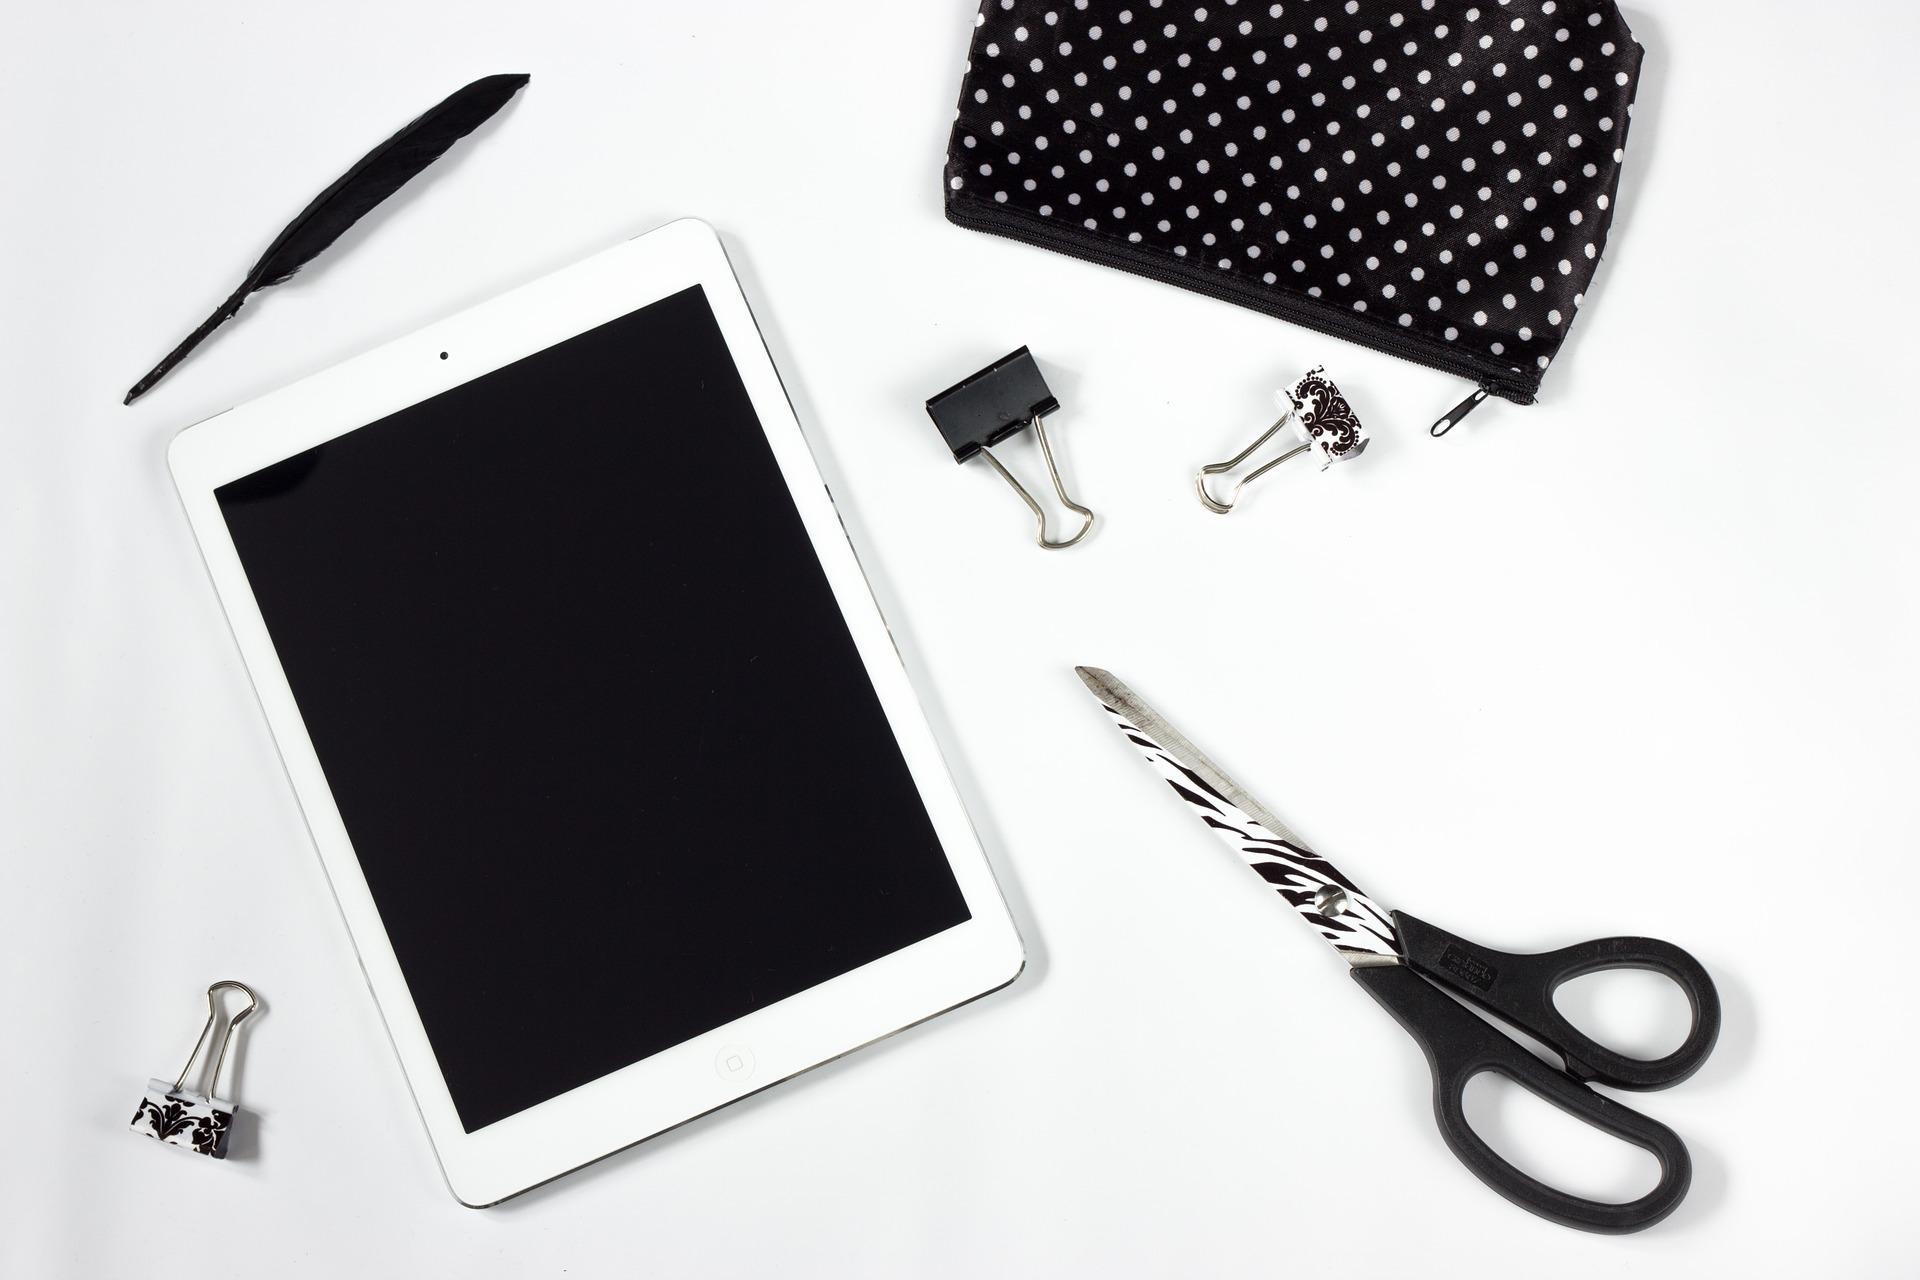 Универсальная инструкция по очистке памяти планшета: 16+ способов